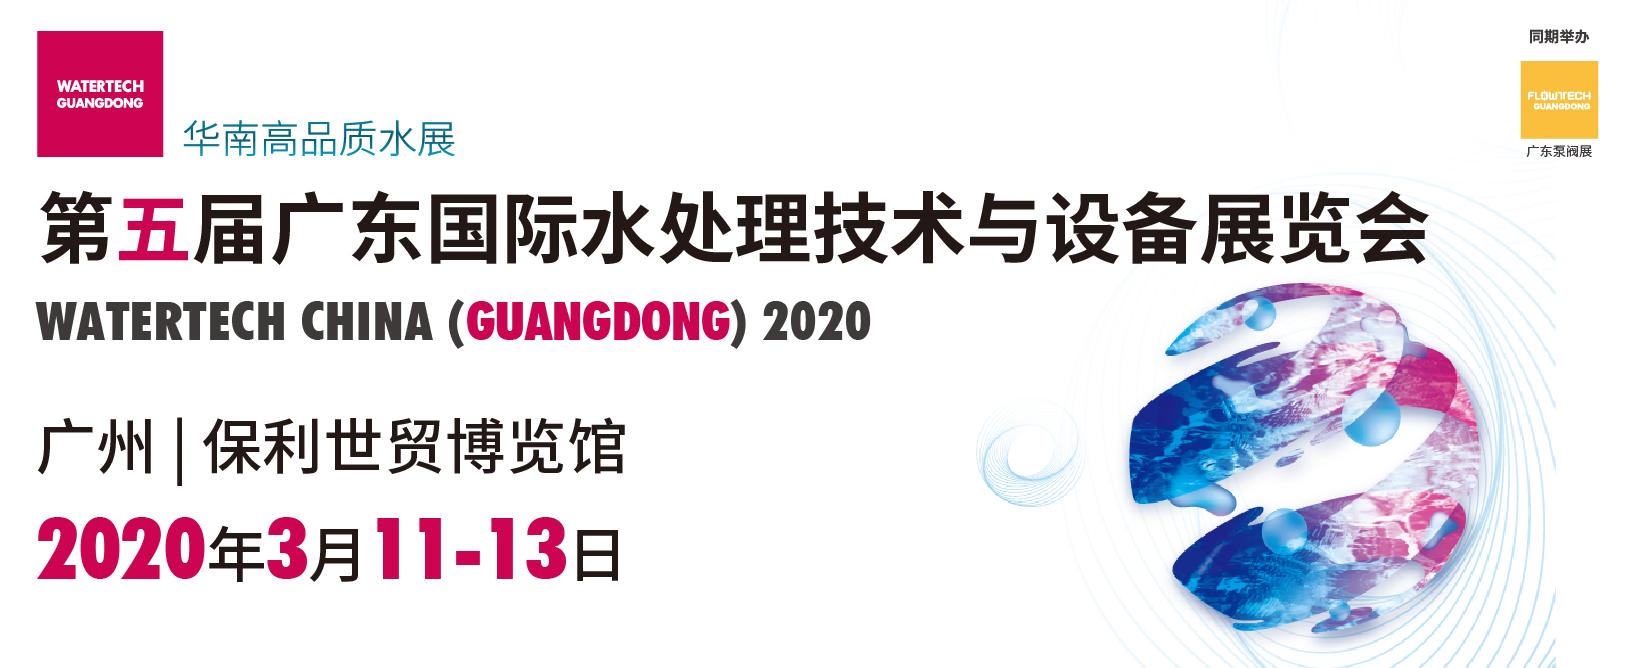 第五届广东国际水展